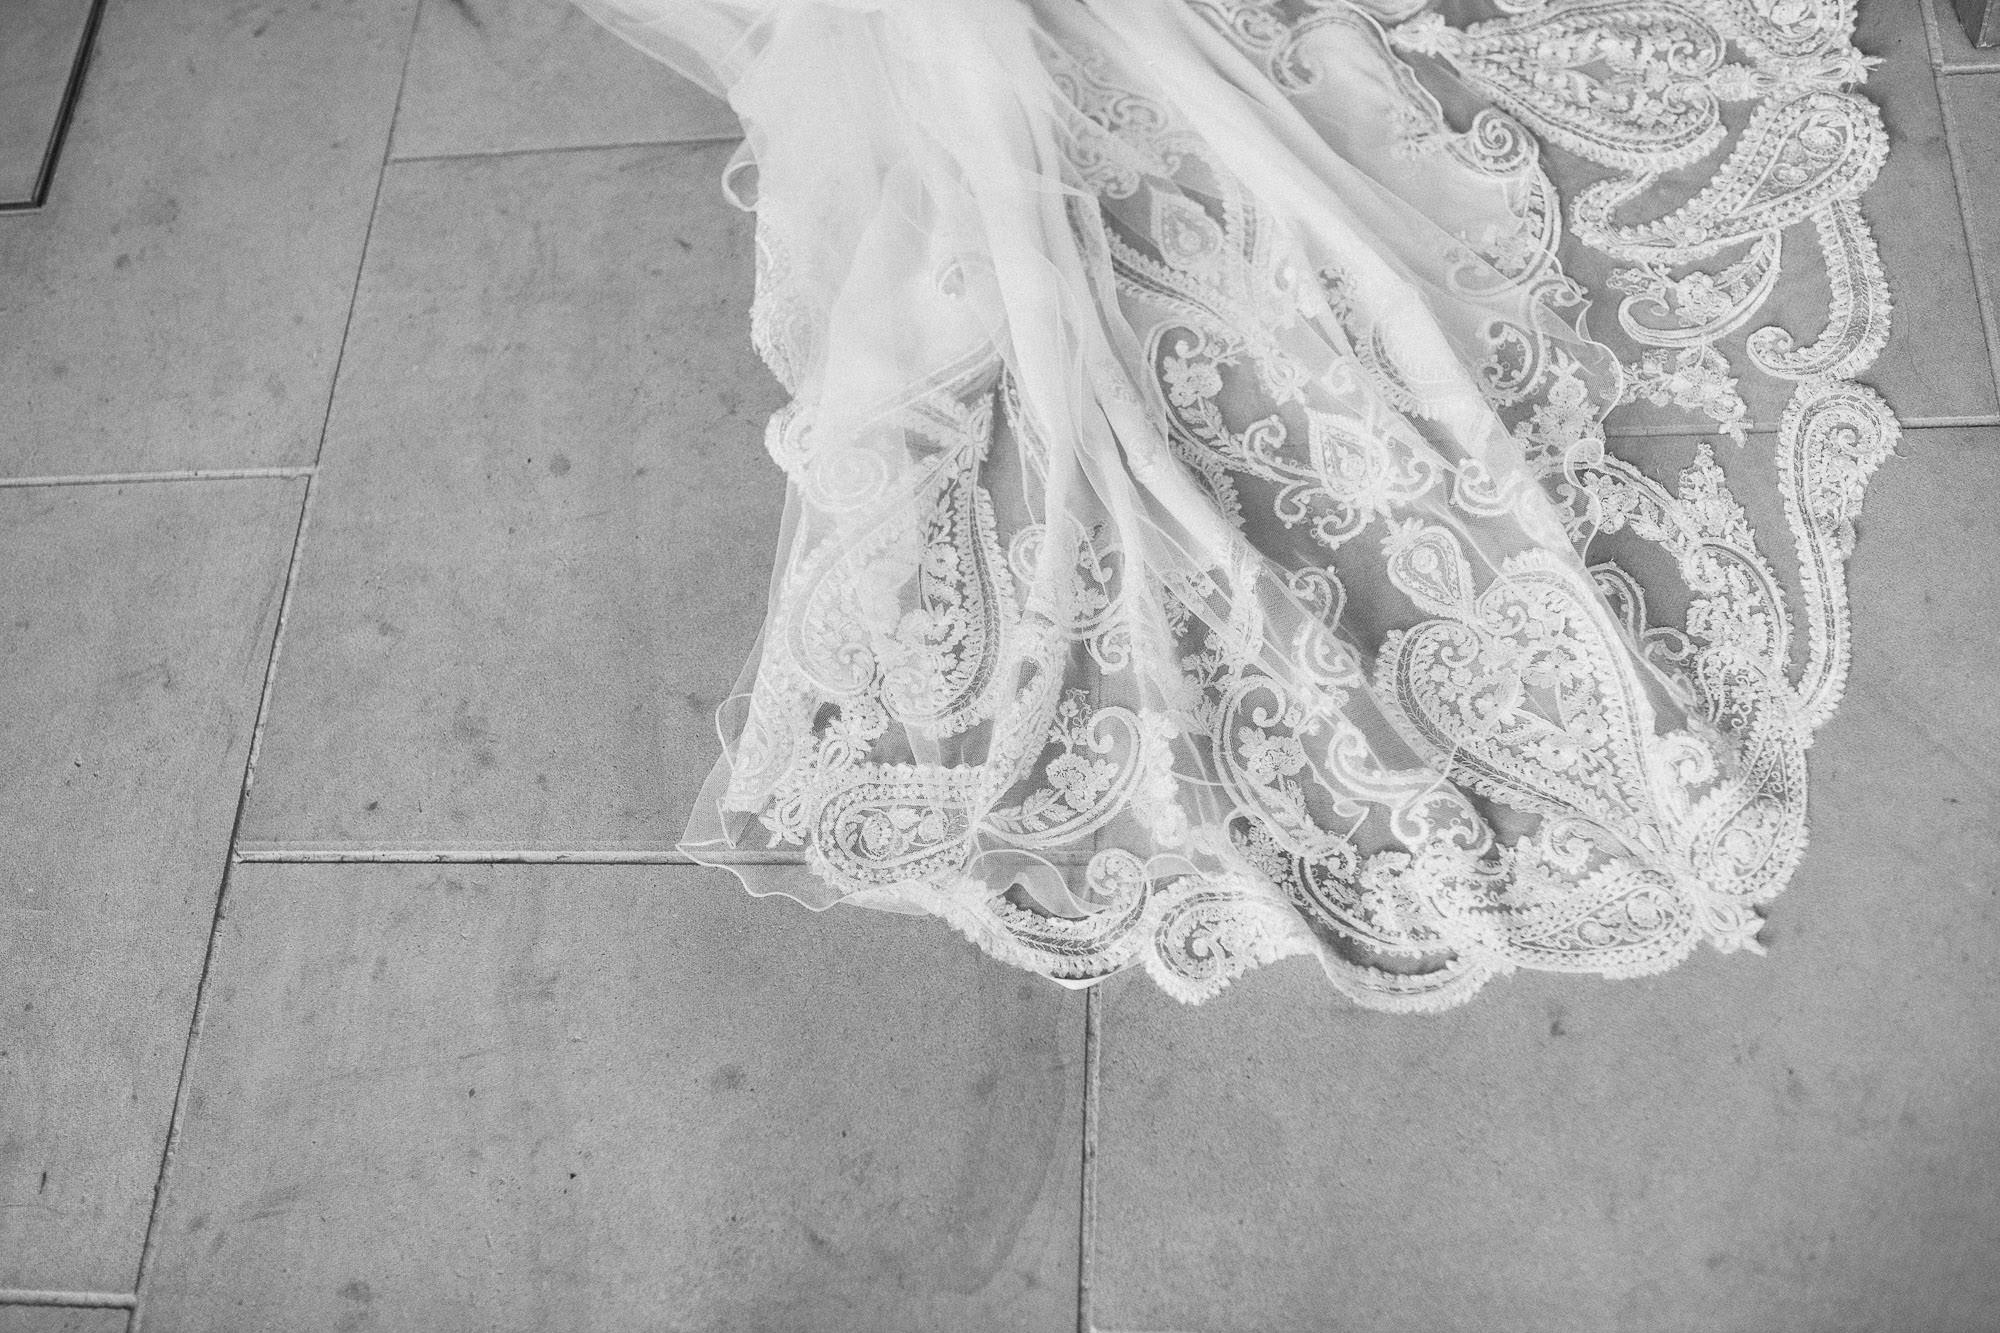 rustic-elegant-wedding-schloss-hochzeit-eyrichshof-franken-bamberg-030